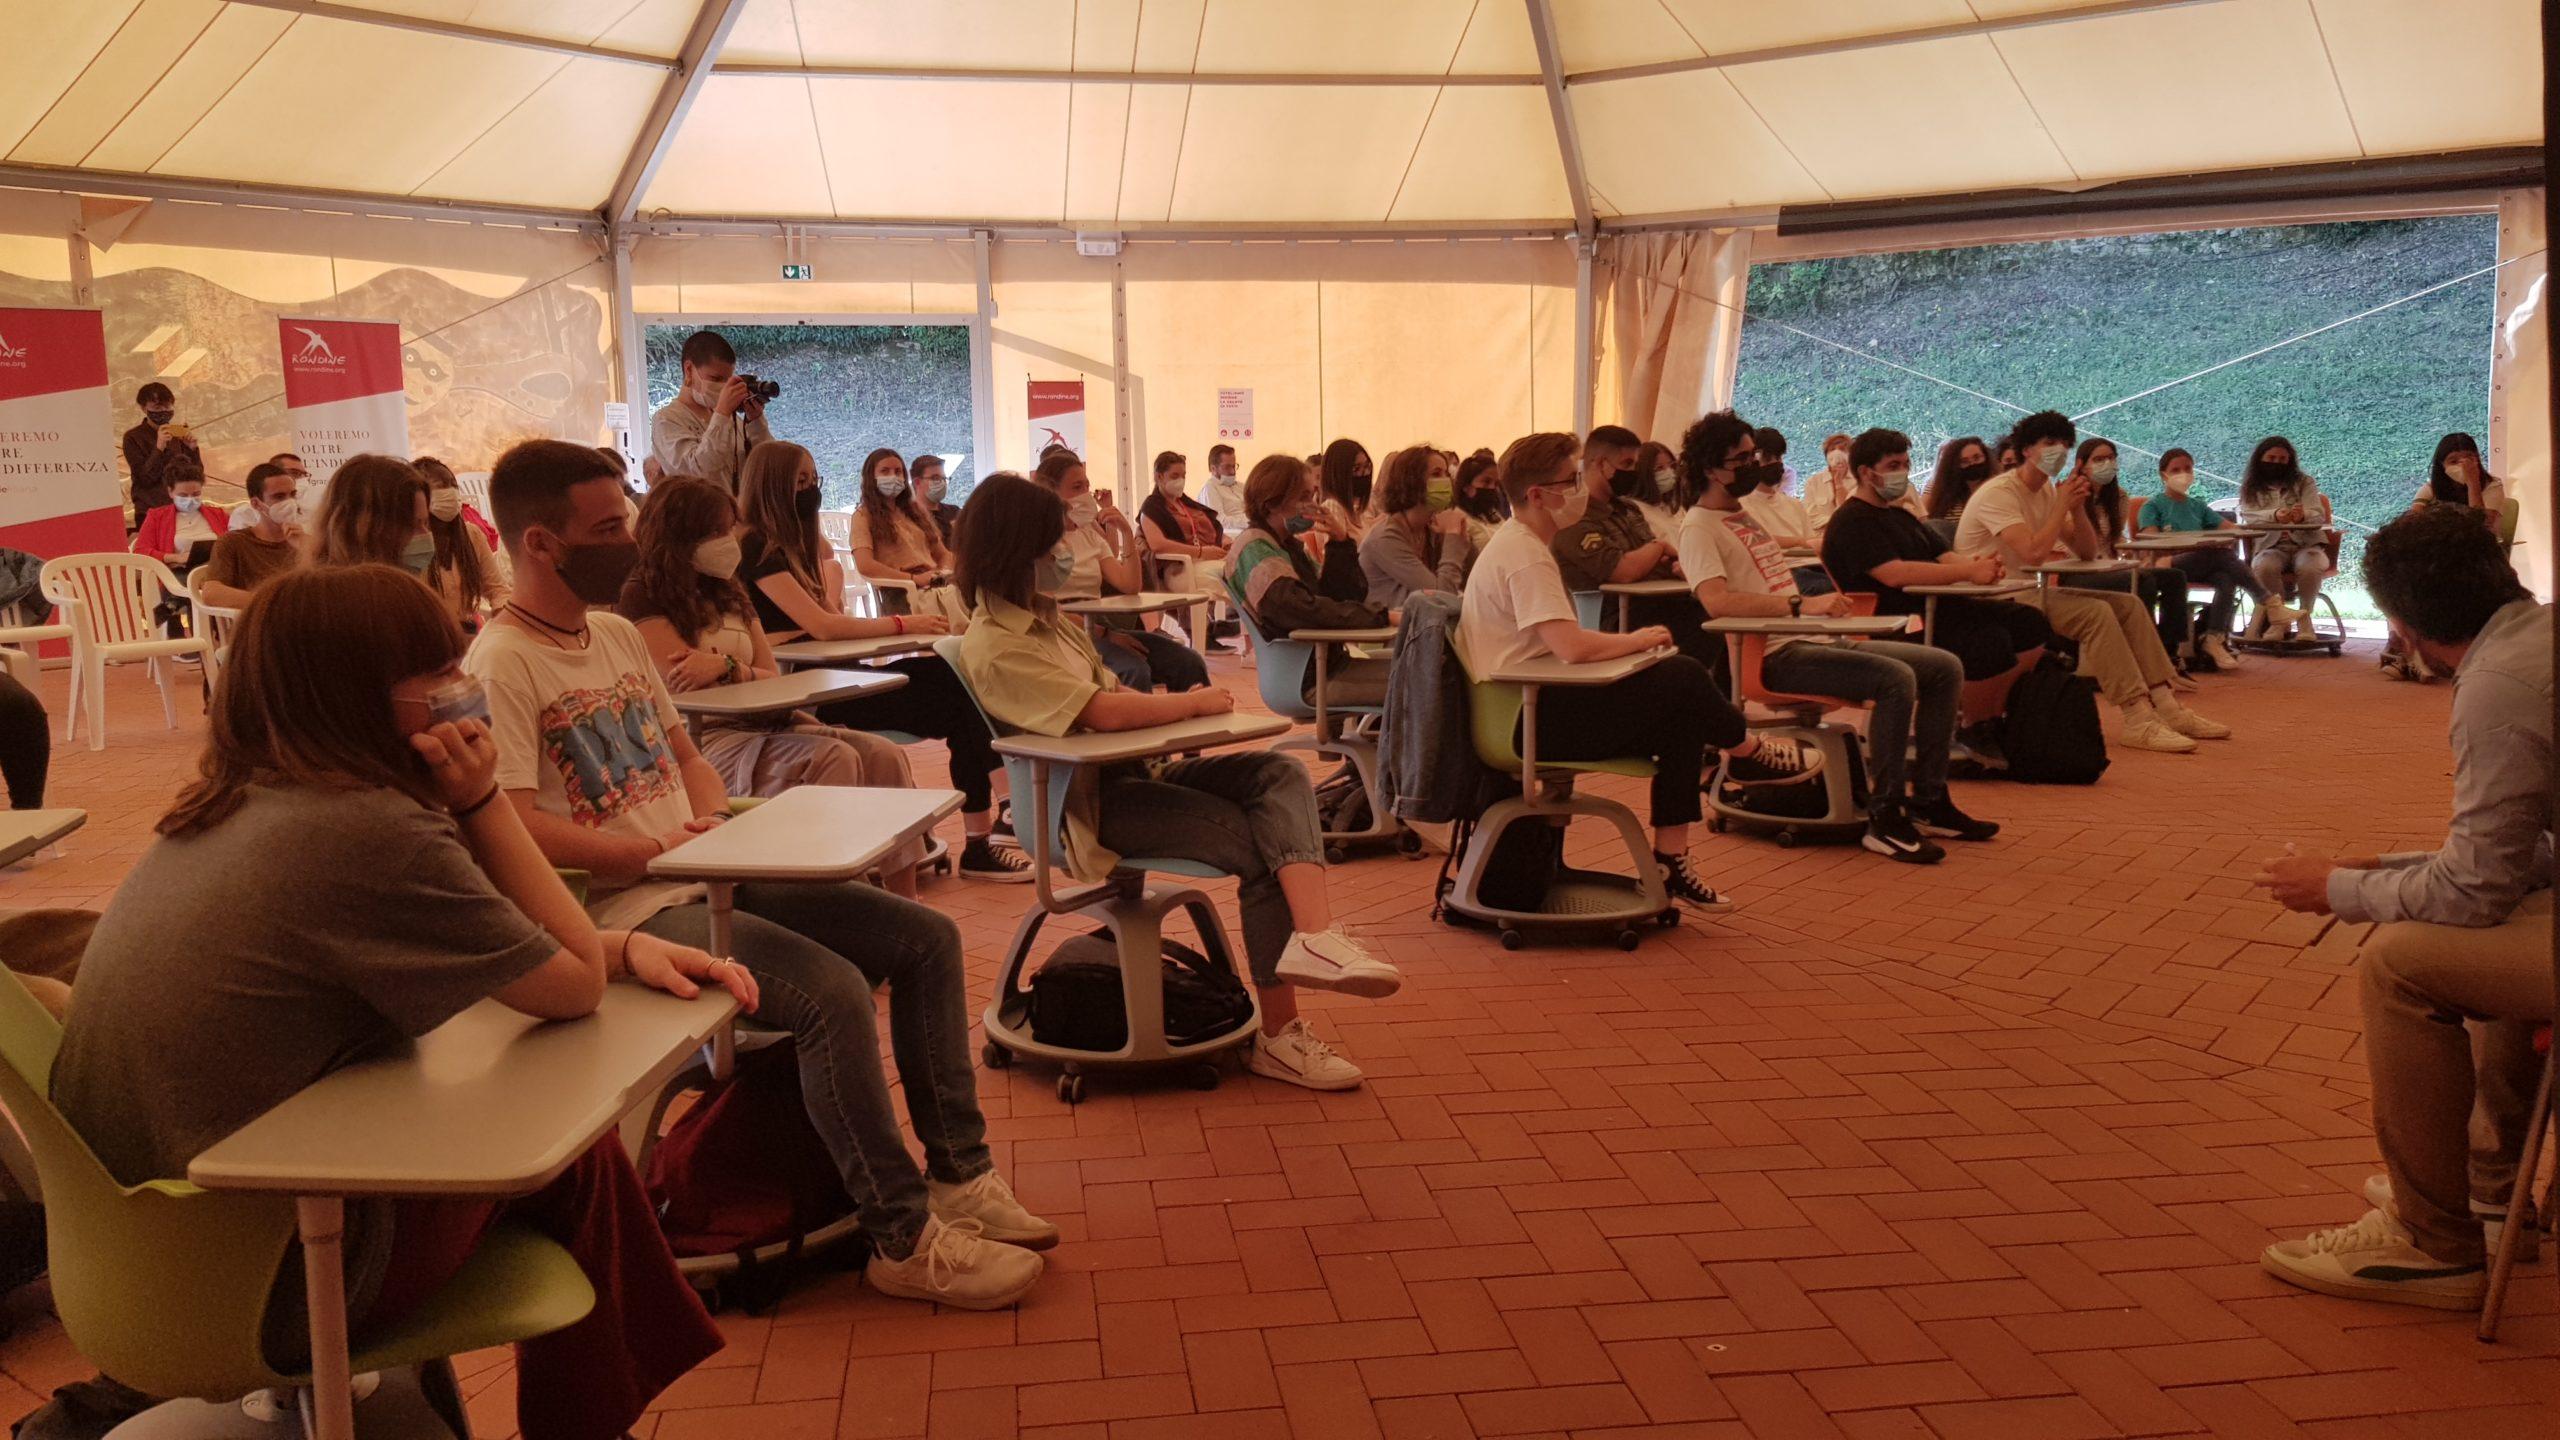 QUARTO ANNO LICEALE D'ECCELLENZA A RONDINE: AL VIA L'ANNO SCOLASTICO 2021-2022